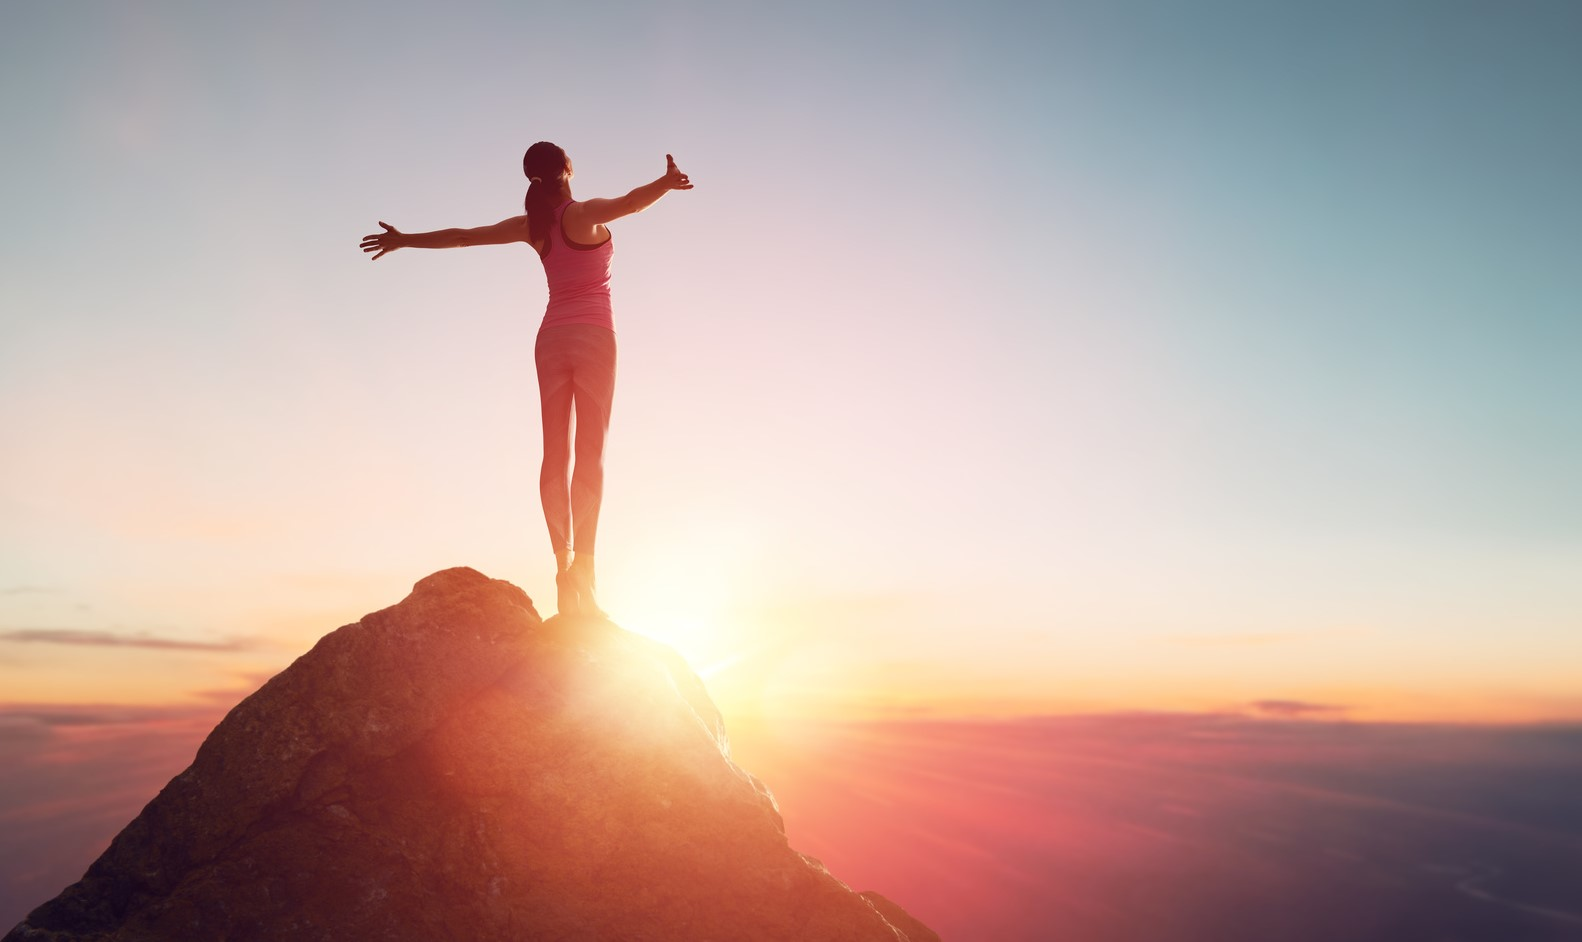 Mentalpower Seminar Ziel Vision Traum